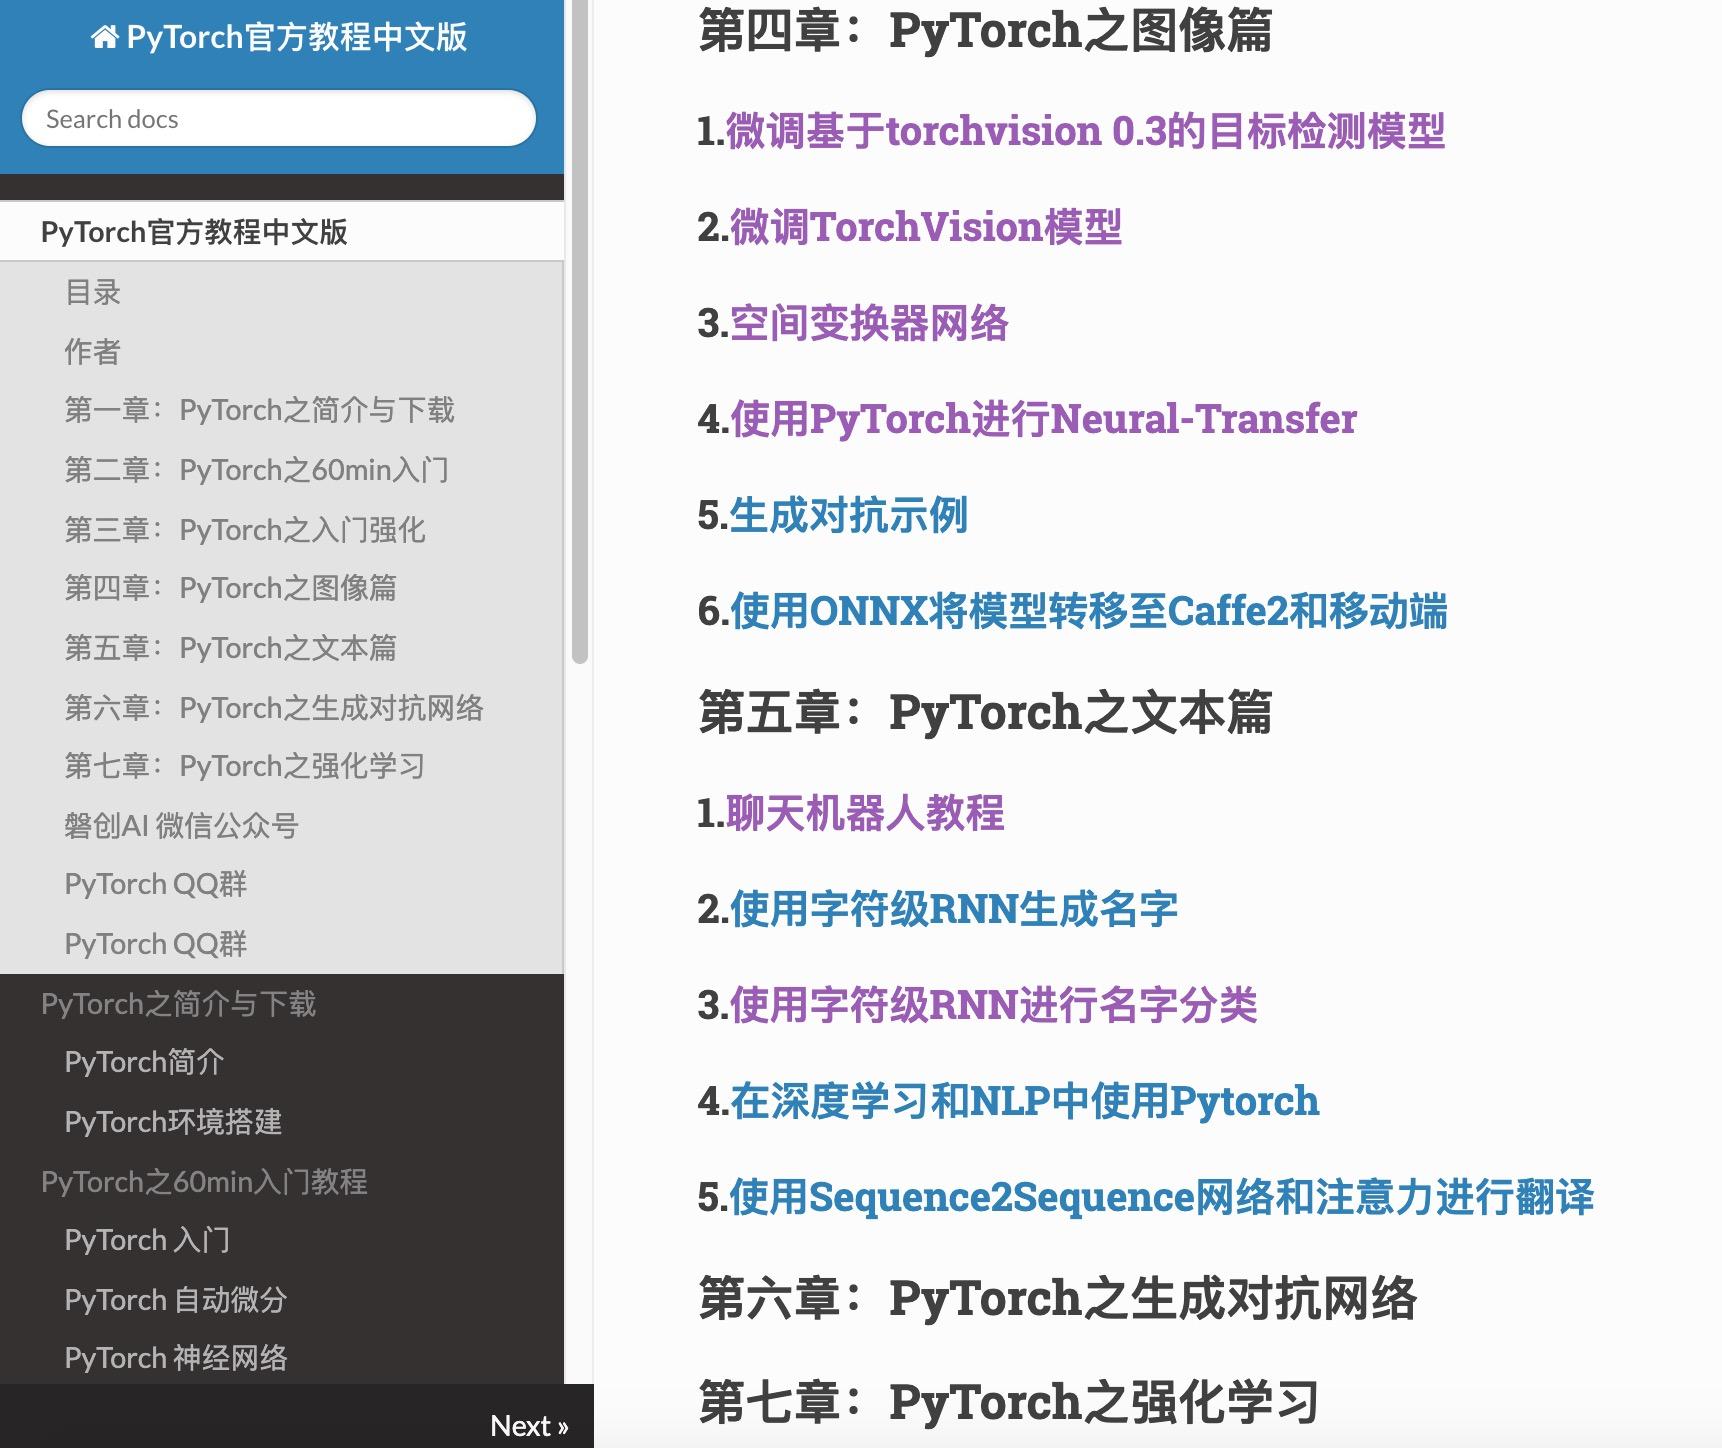 PyTorch 官方中文教程包含 60 分钟快速入门教程,强化教程,计算机视觉,自然语言处理,生成对抗网络,强化学习。